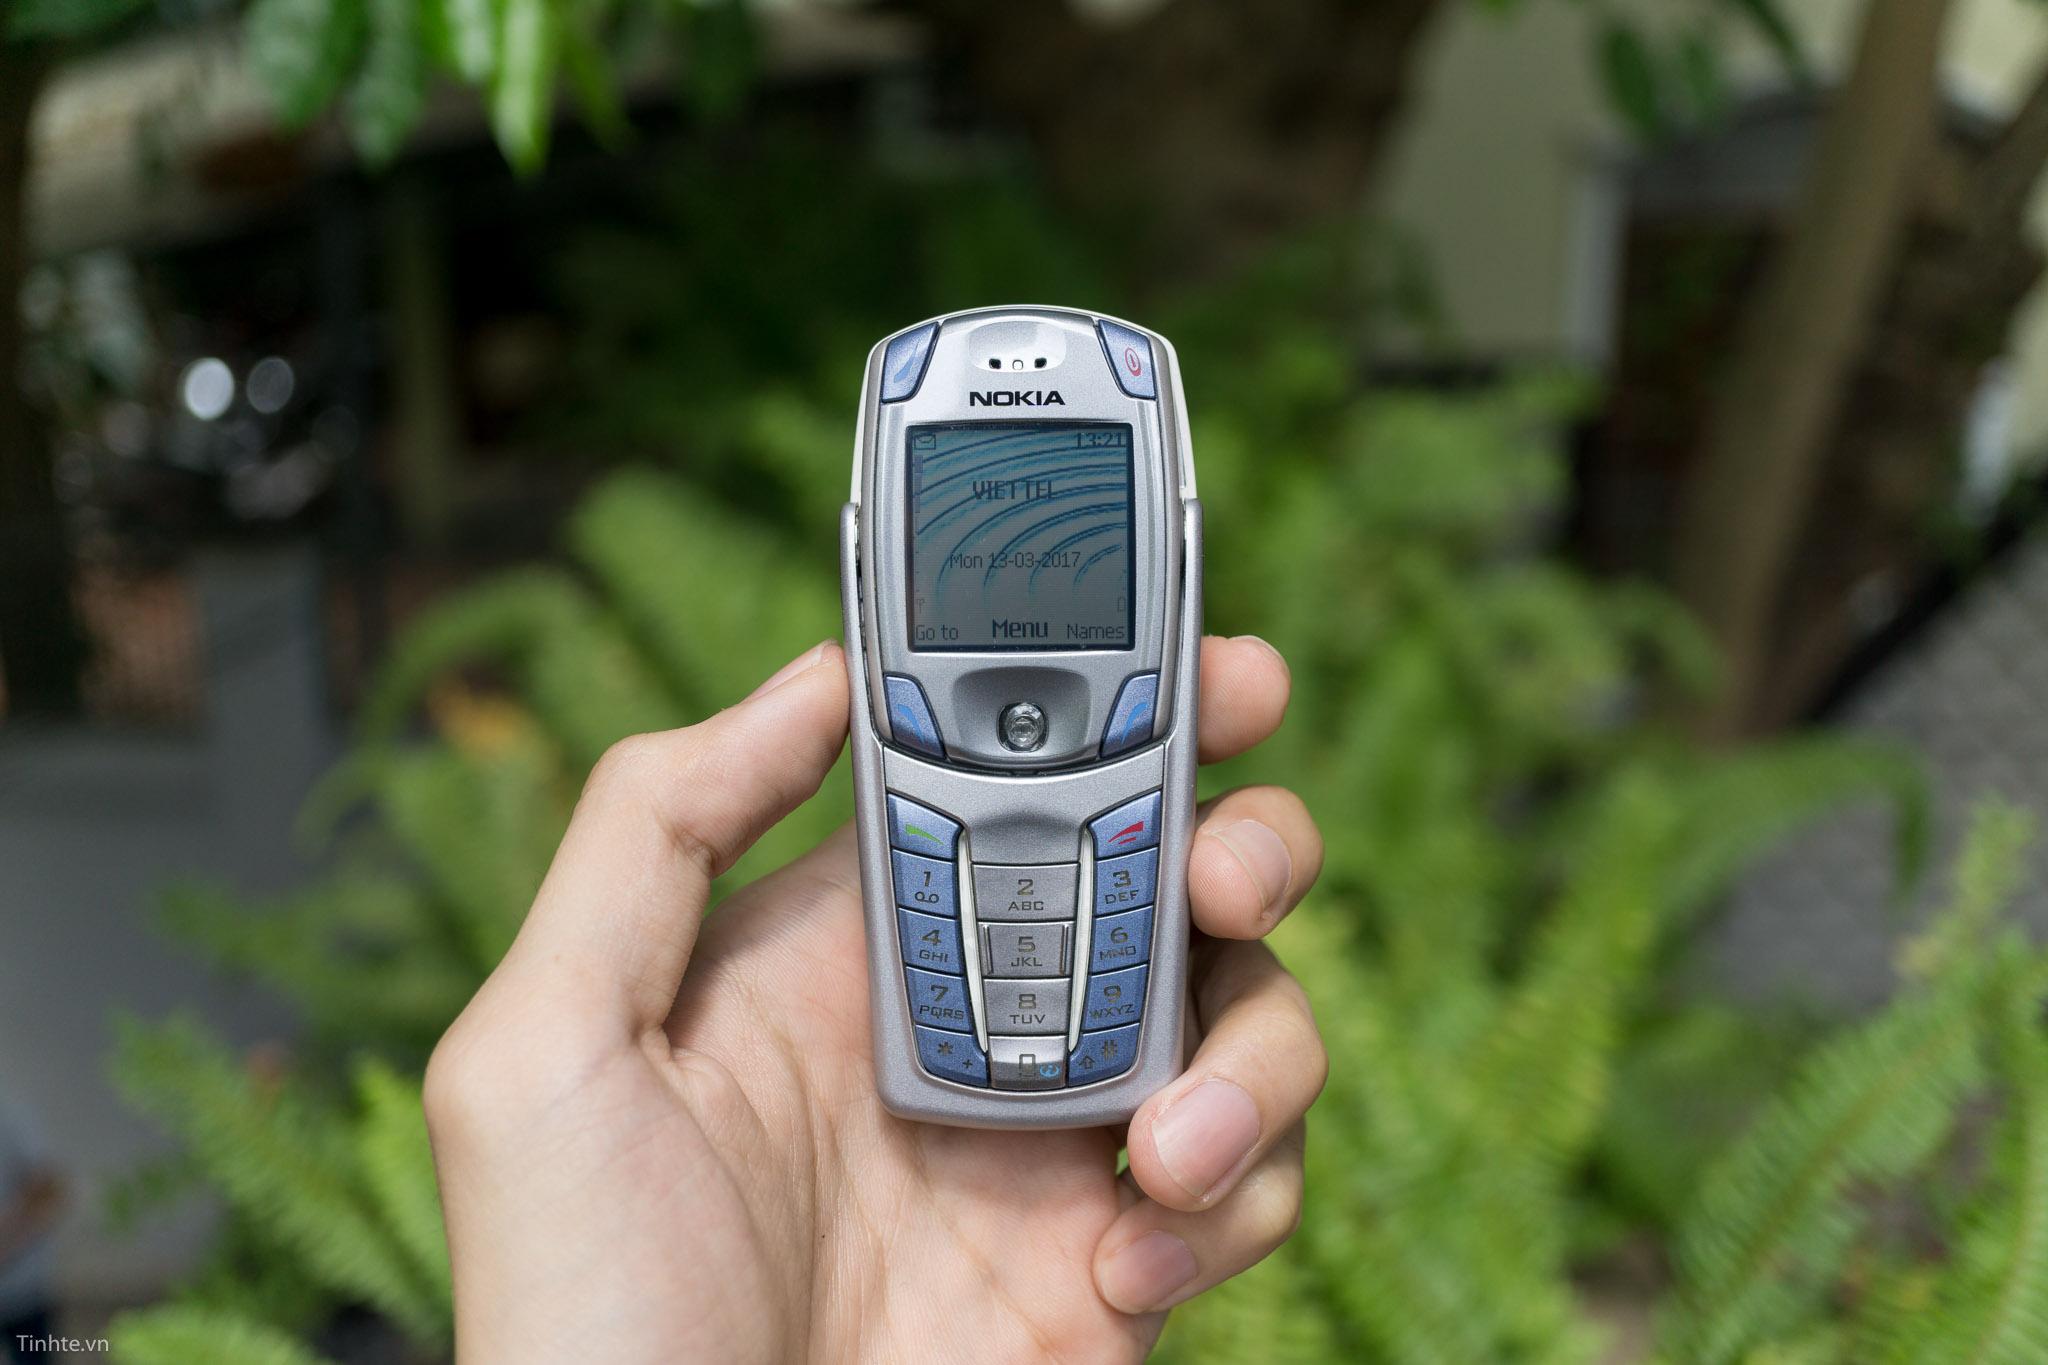 nokia-6820-tinhte-3.jpg